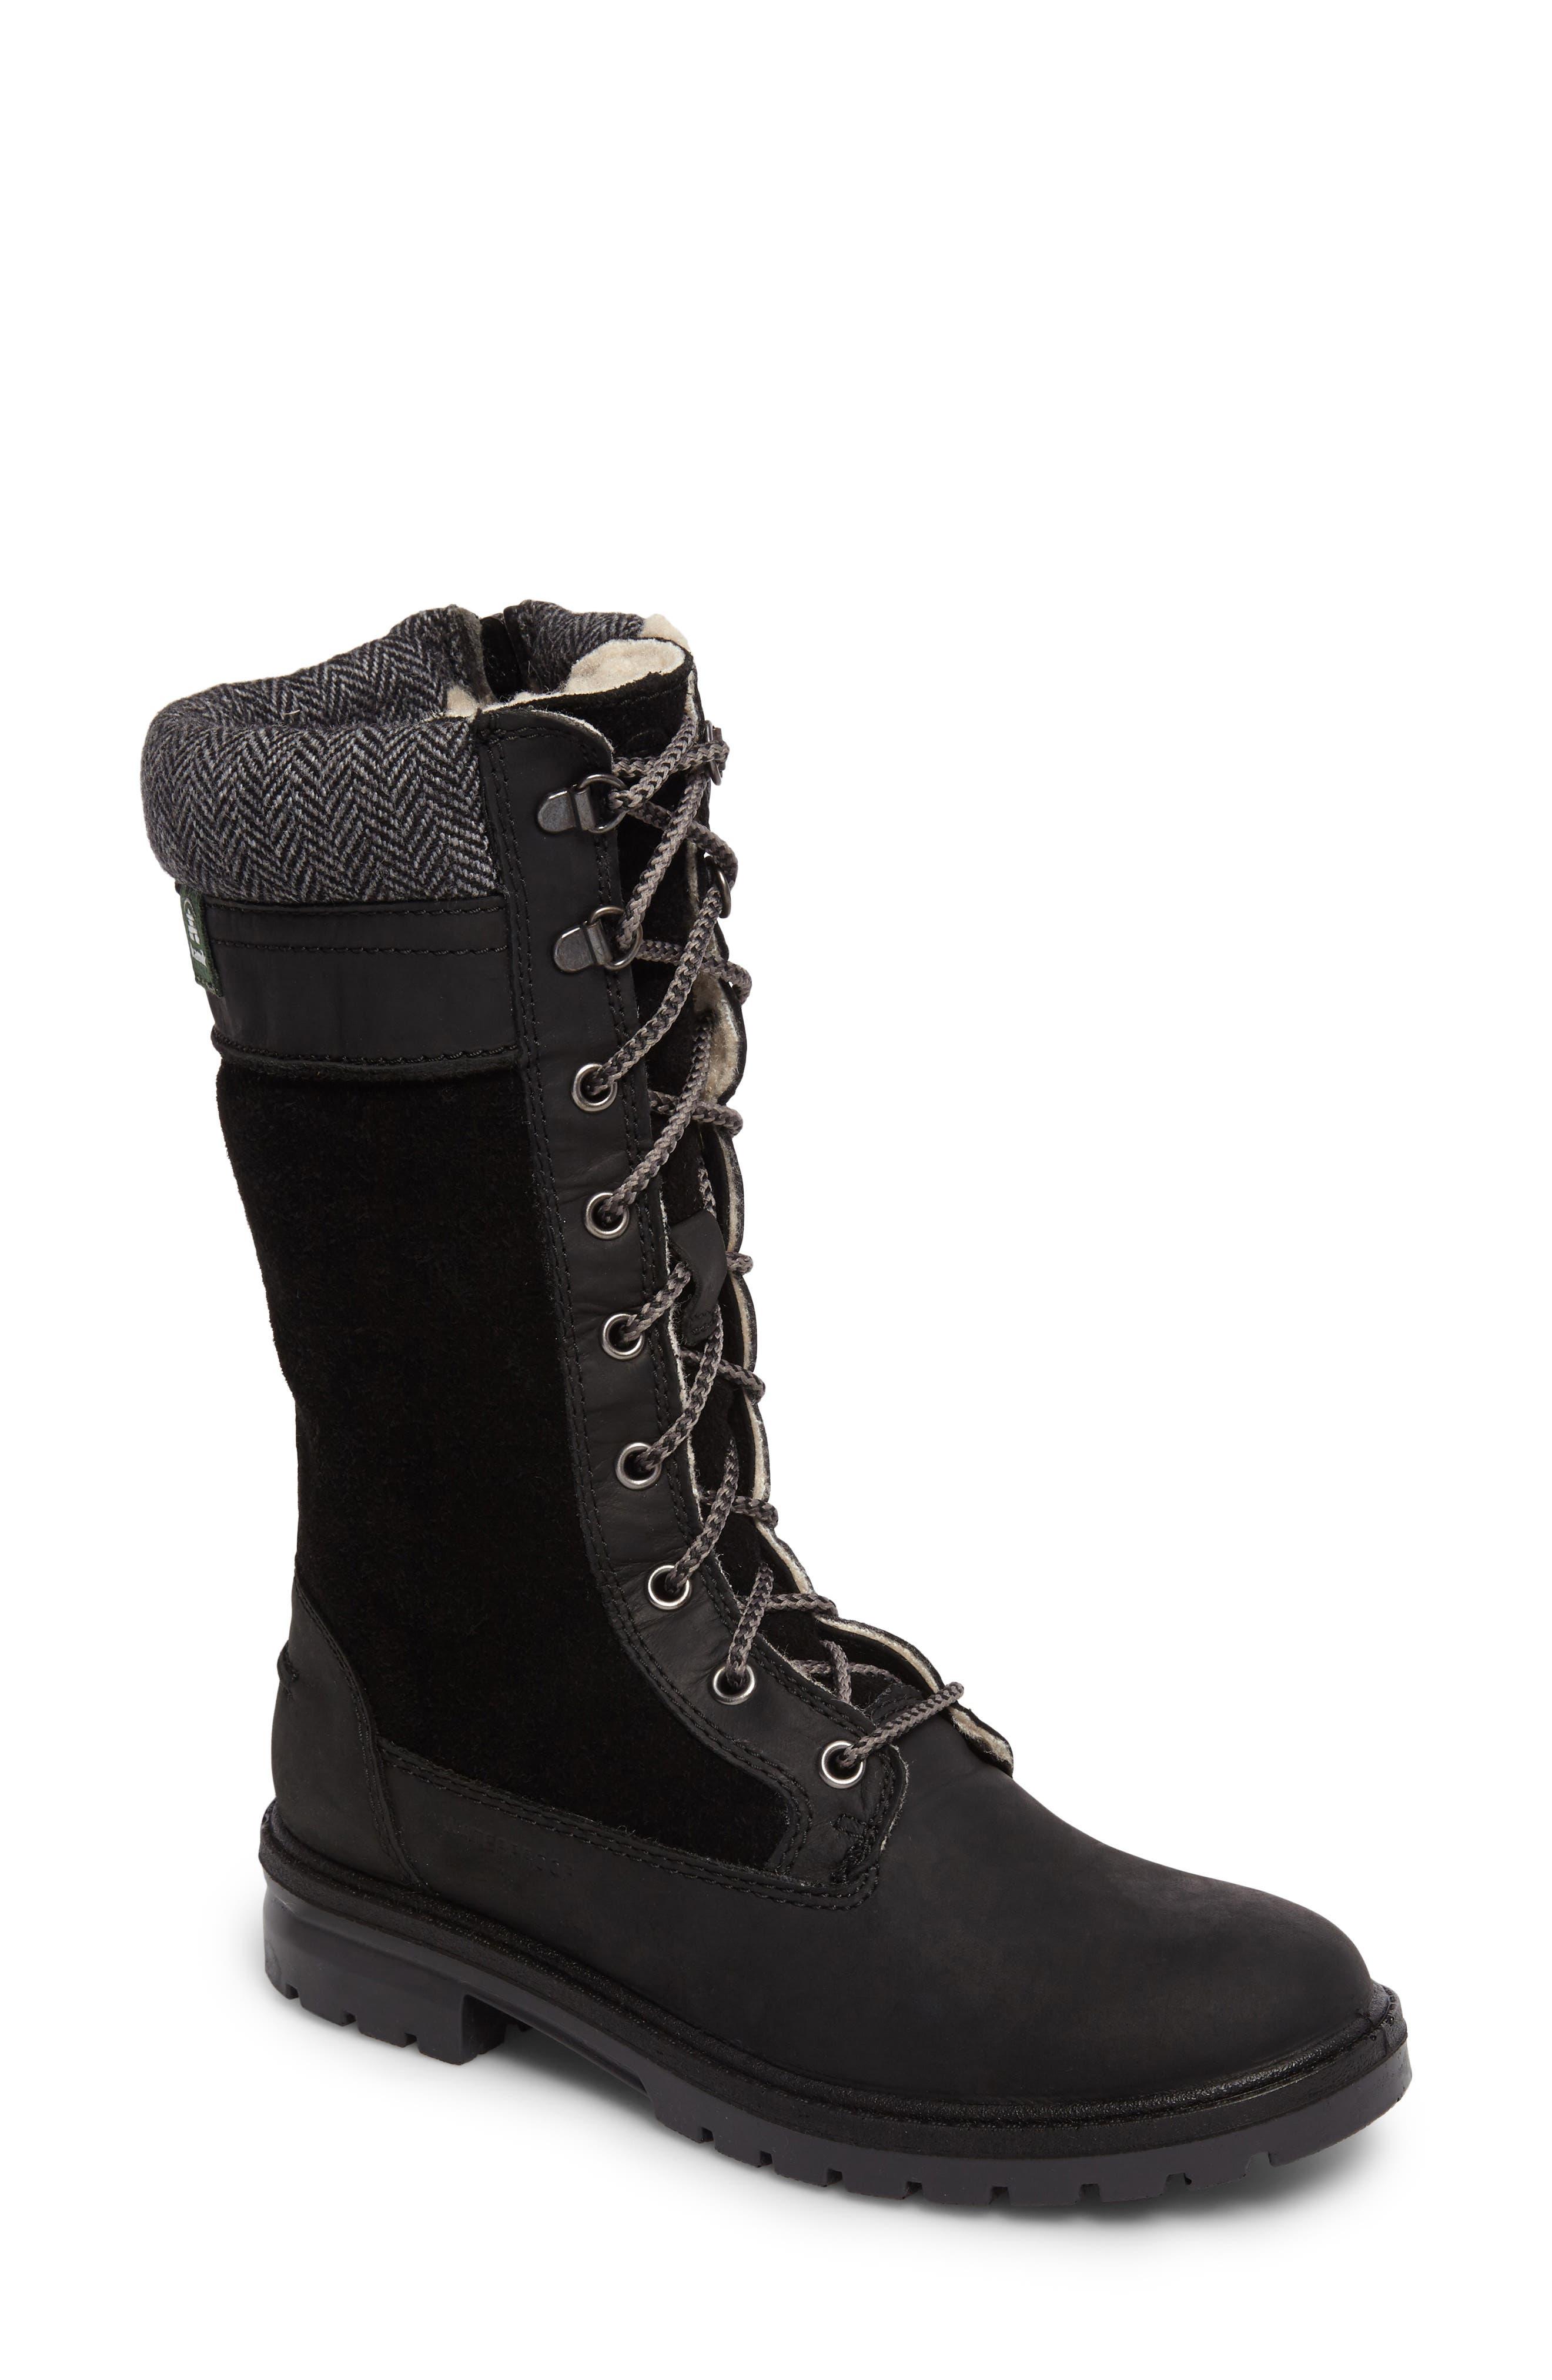 Alternate Image 1 Selected - Kamik Rogue 9 Boot (Women)